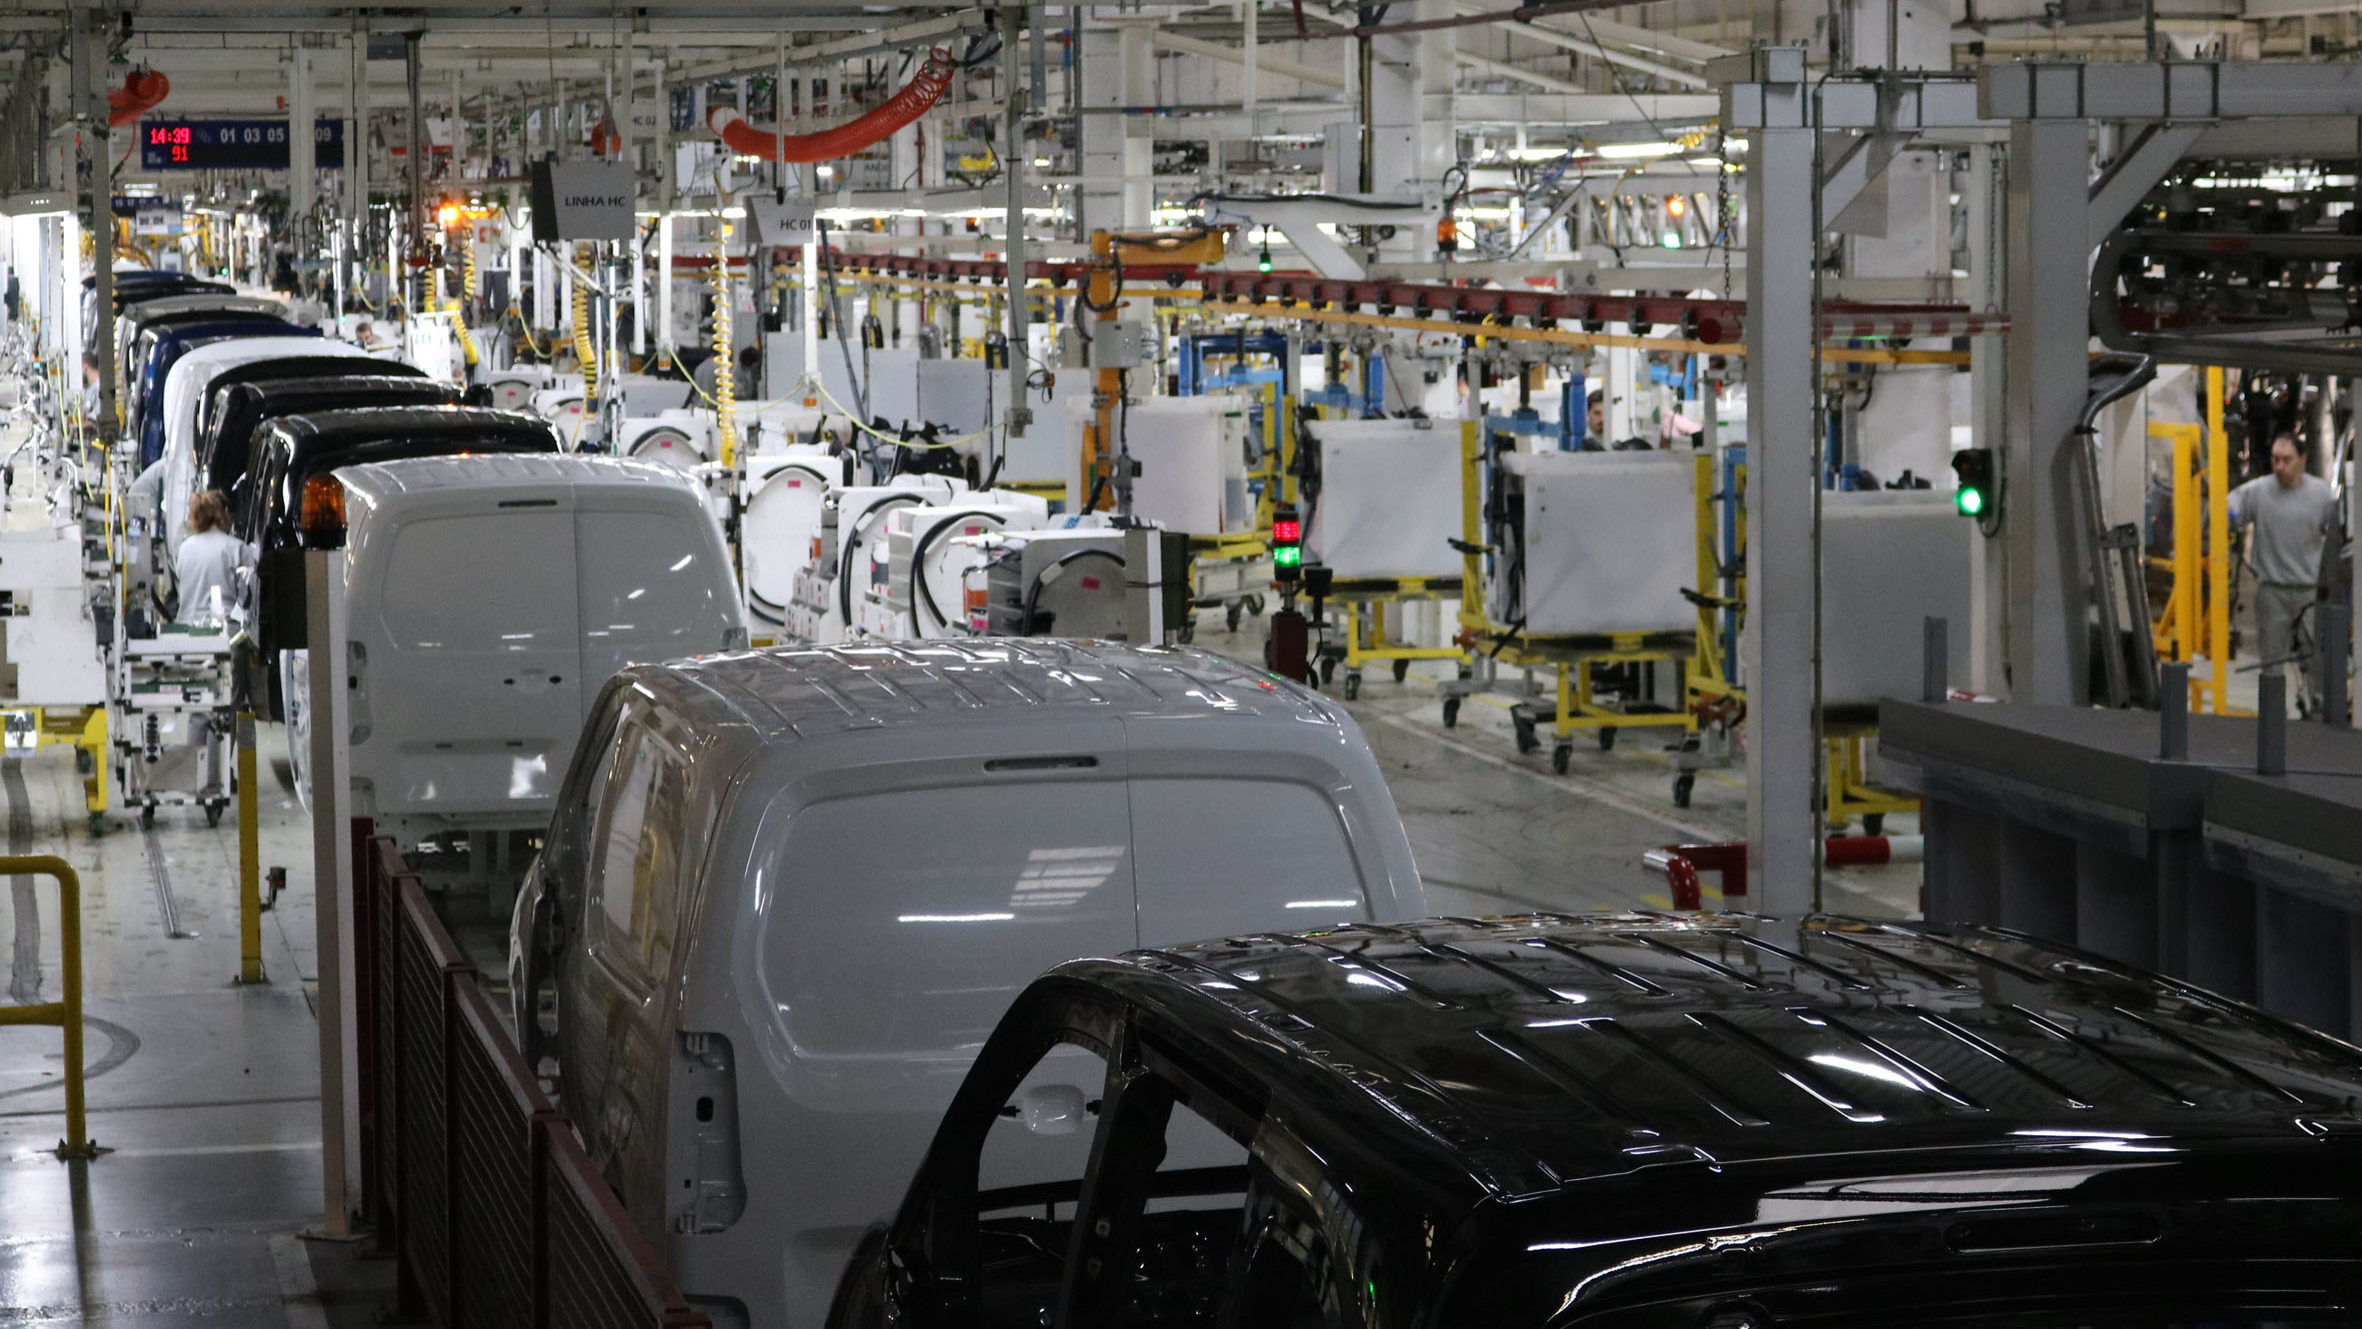 Encerramento de fábricas vai custar 100 mil milhões ao setor automóvel